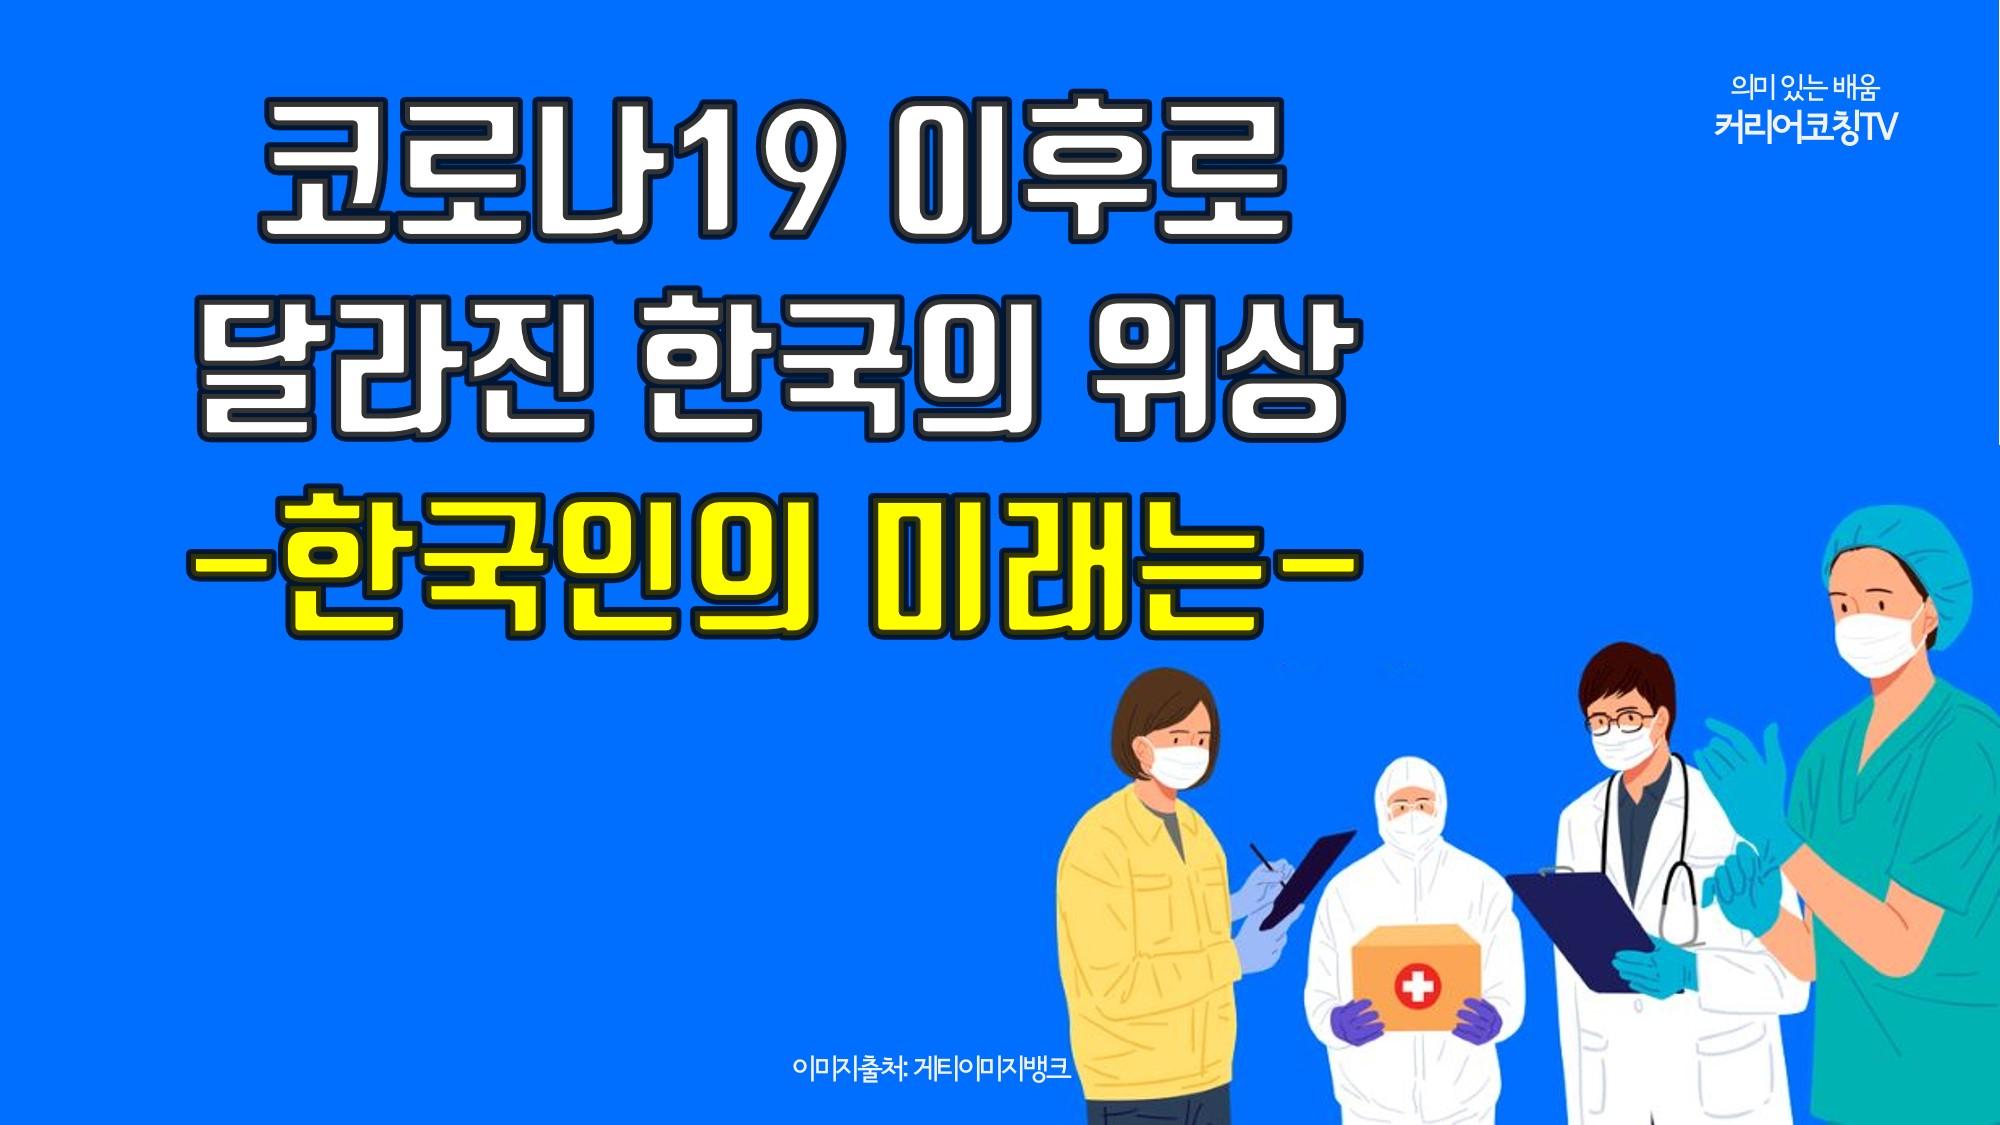 코로나19 이후로 달라진 한국의 위상 – 앞으로 한국인의 미래는?